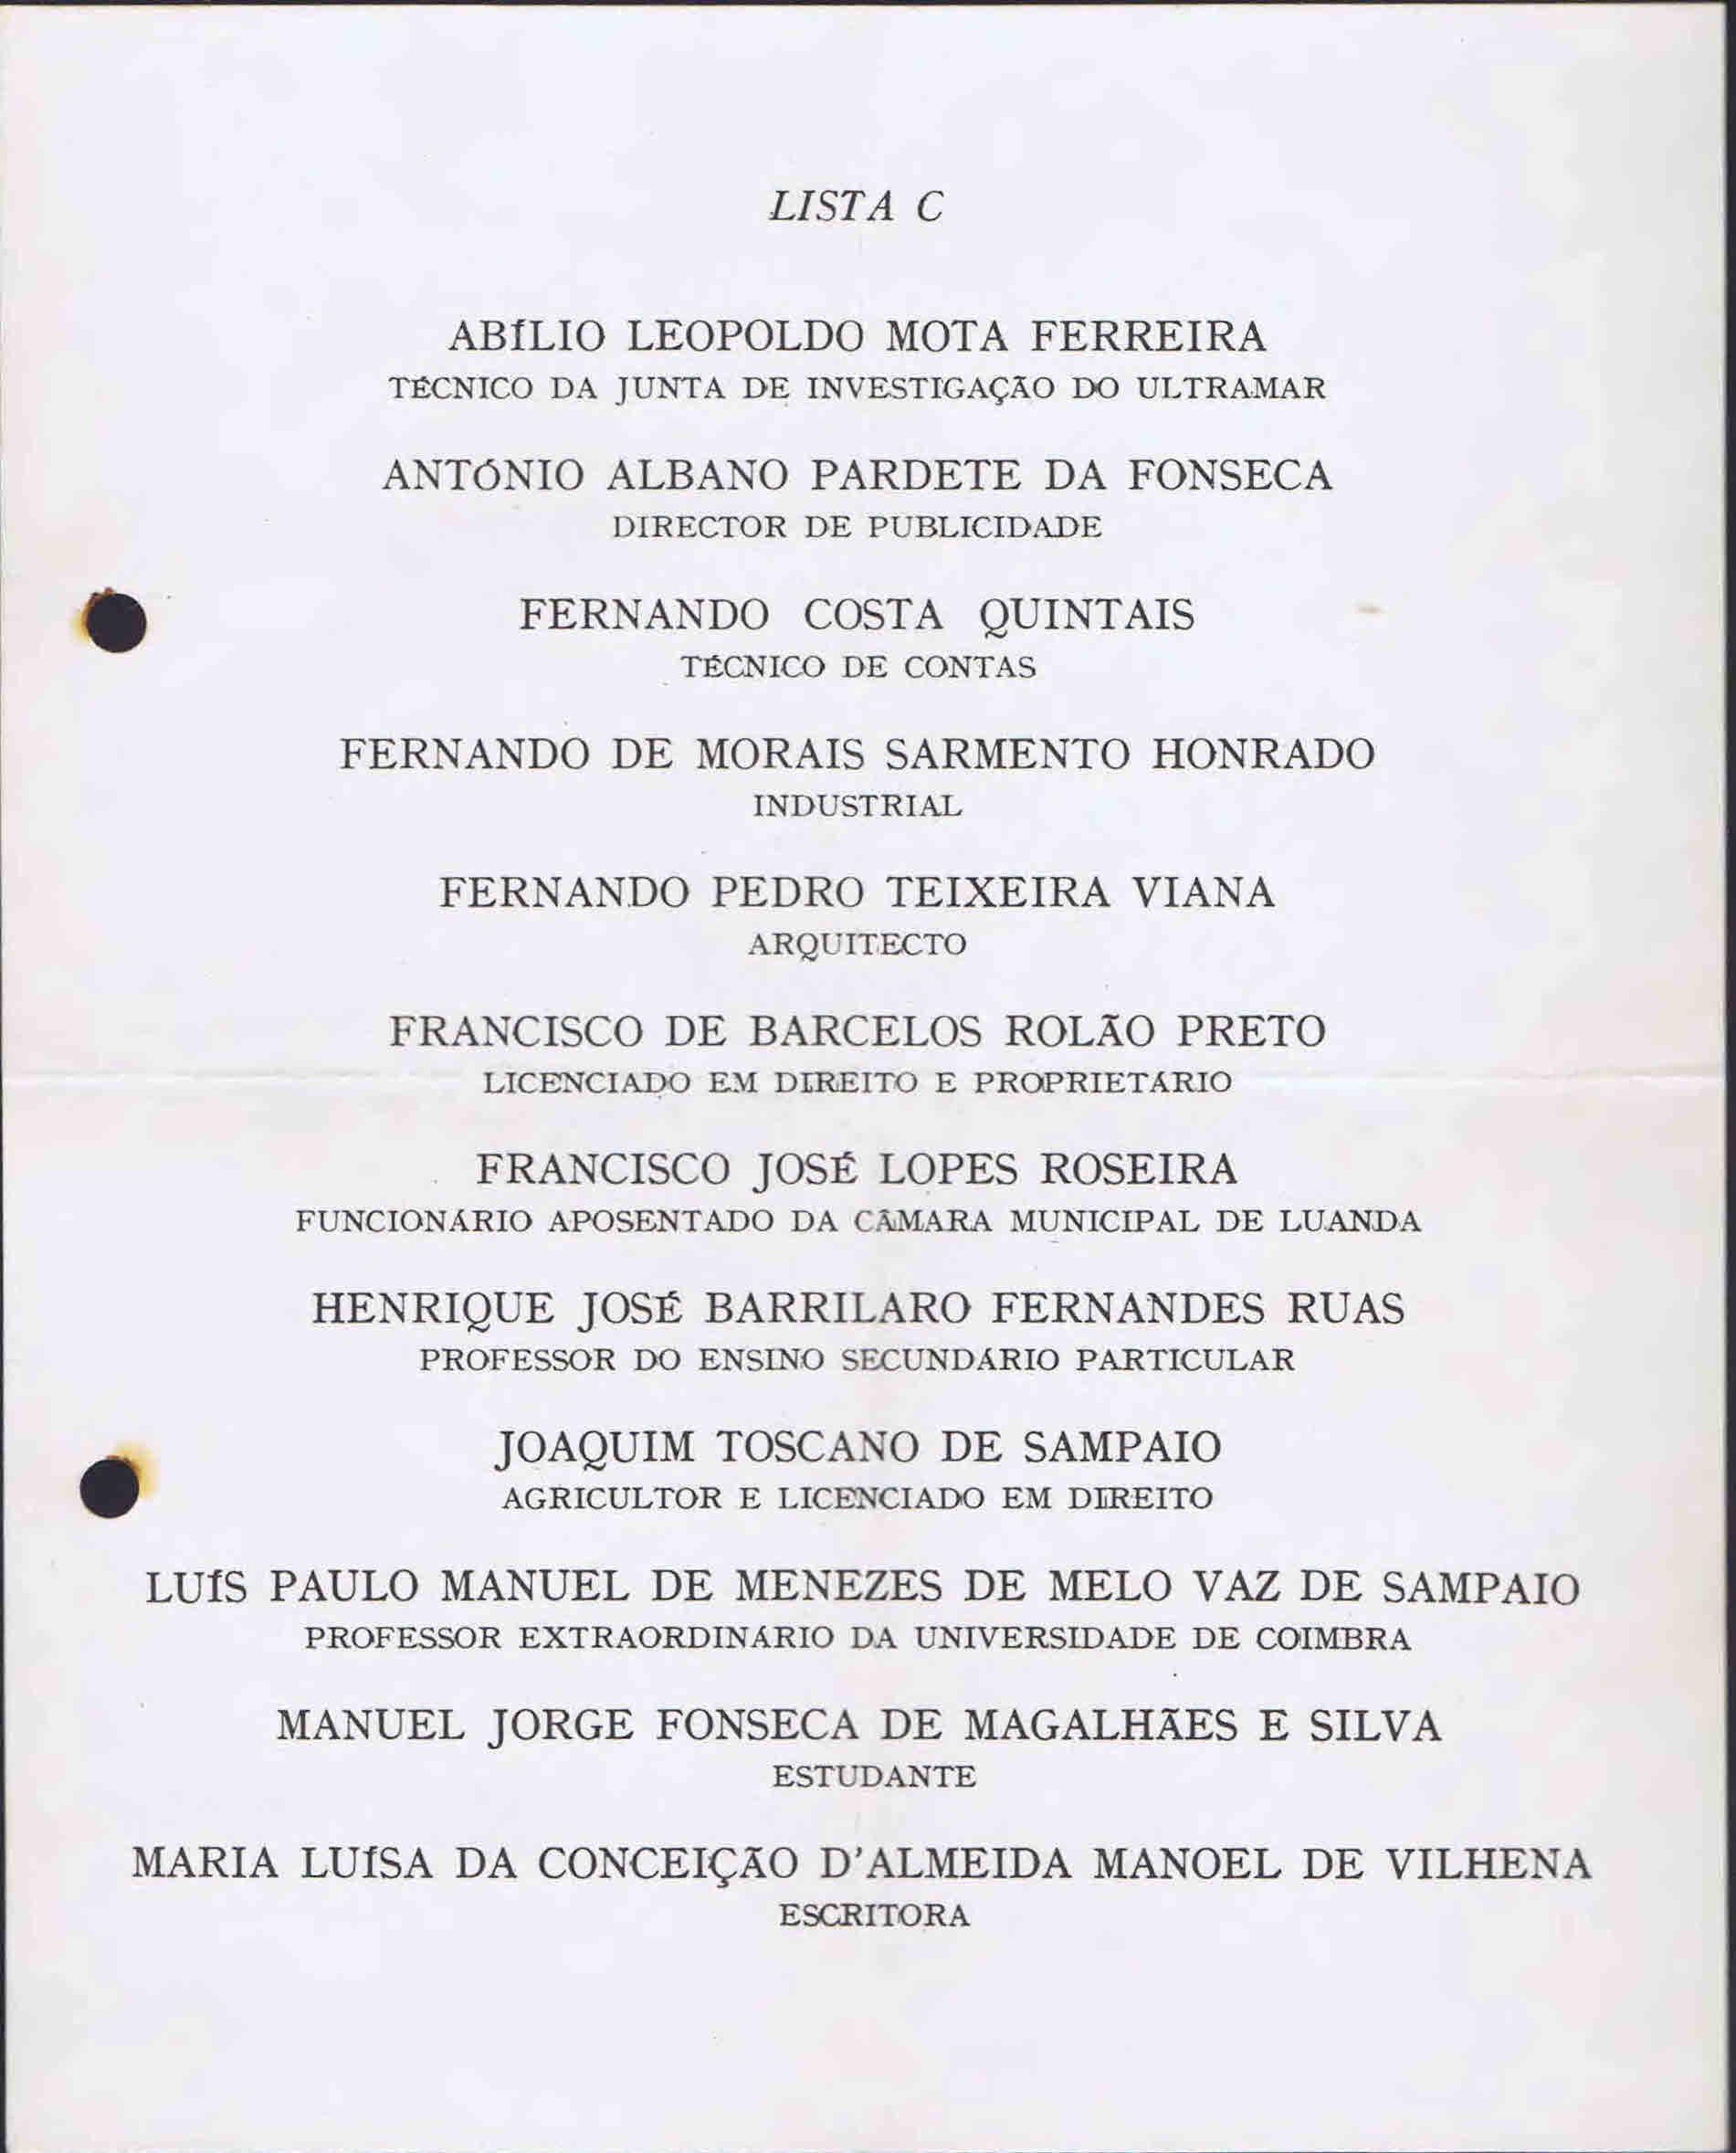 Eleies legislativas de 1969 boletins de voto ephemera eleies legislativas de 1969 boletins de voto ephemera biblioteca e arquivo de jos pacheco pereira stopboris Images